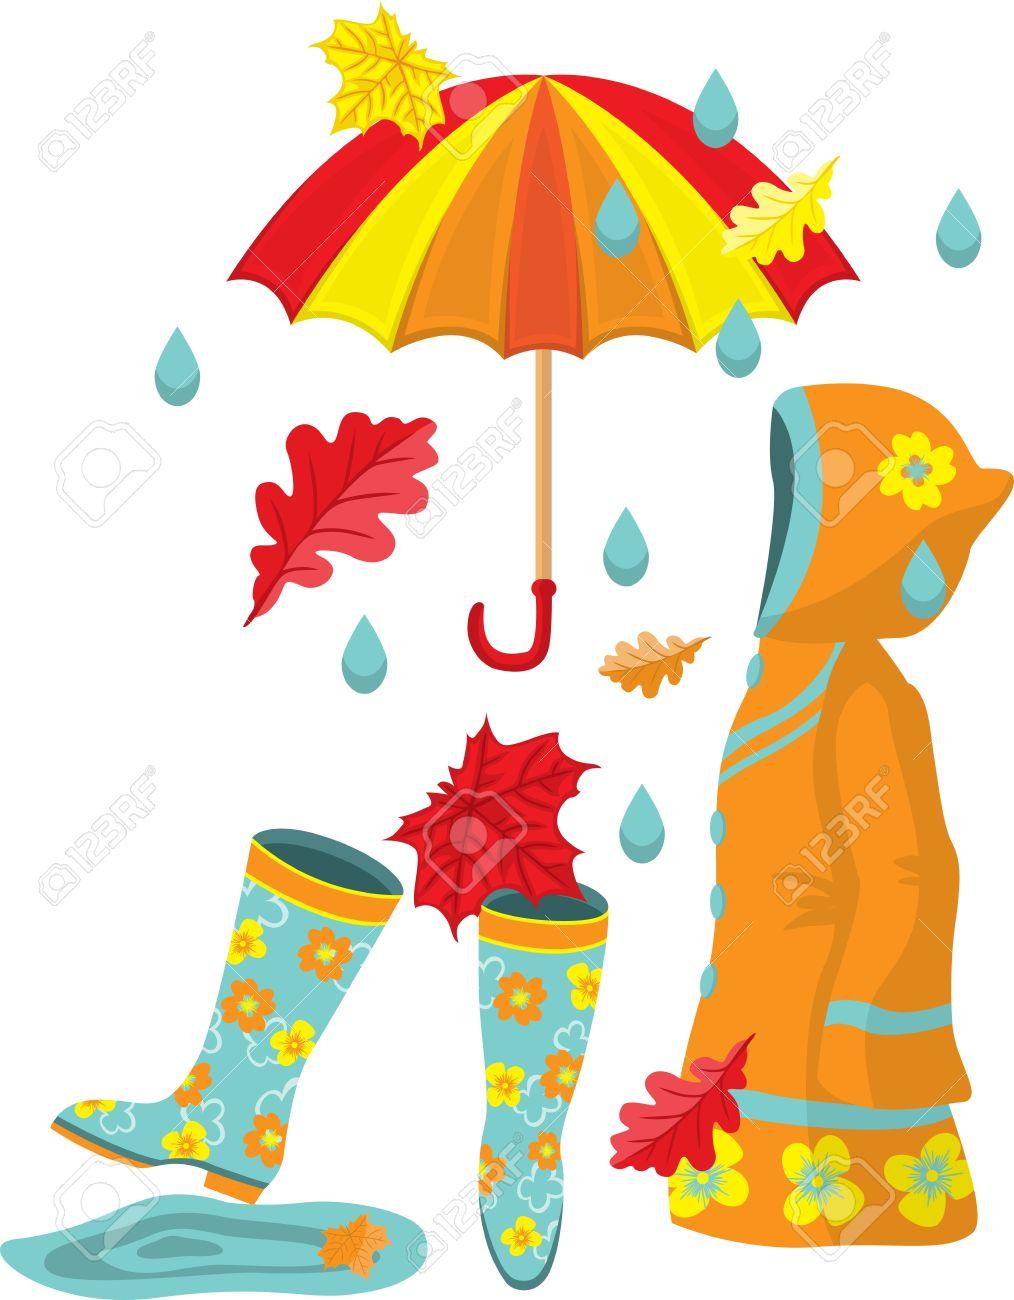 banque dimages ensemble automne color bottes en caoutchouc un impermable un parapluie des feuilles et de la pluie - Parapluie Color